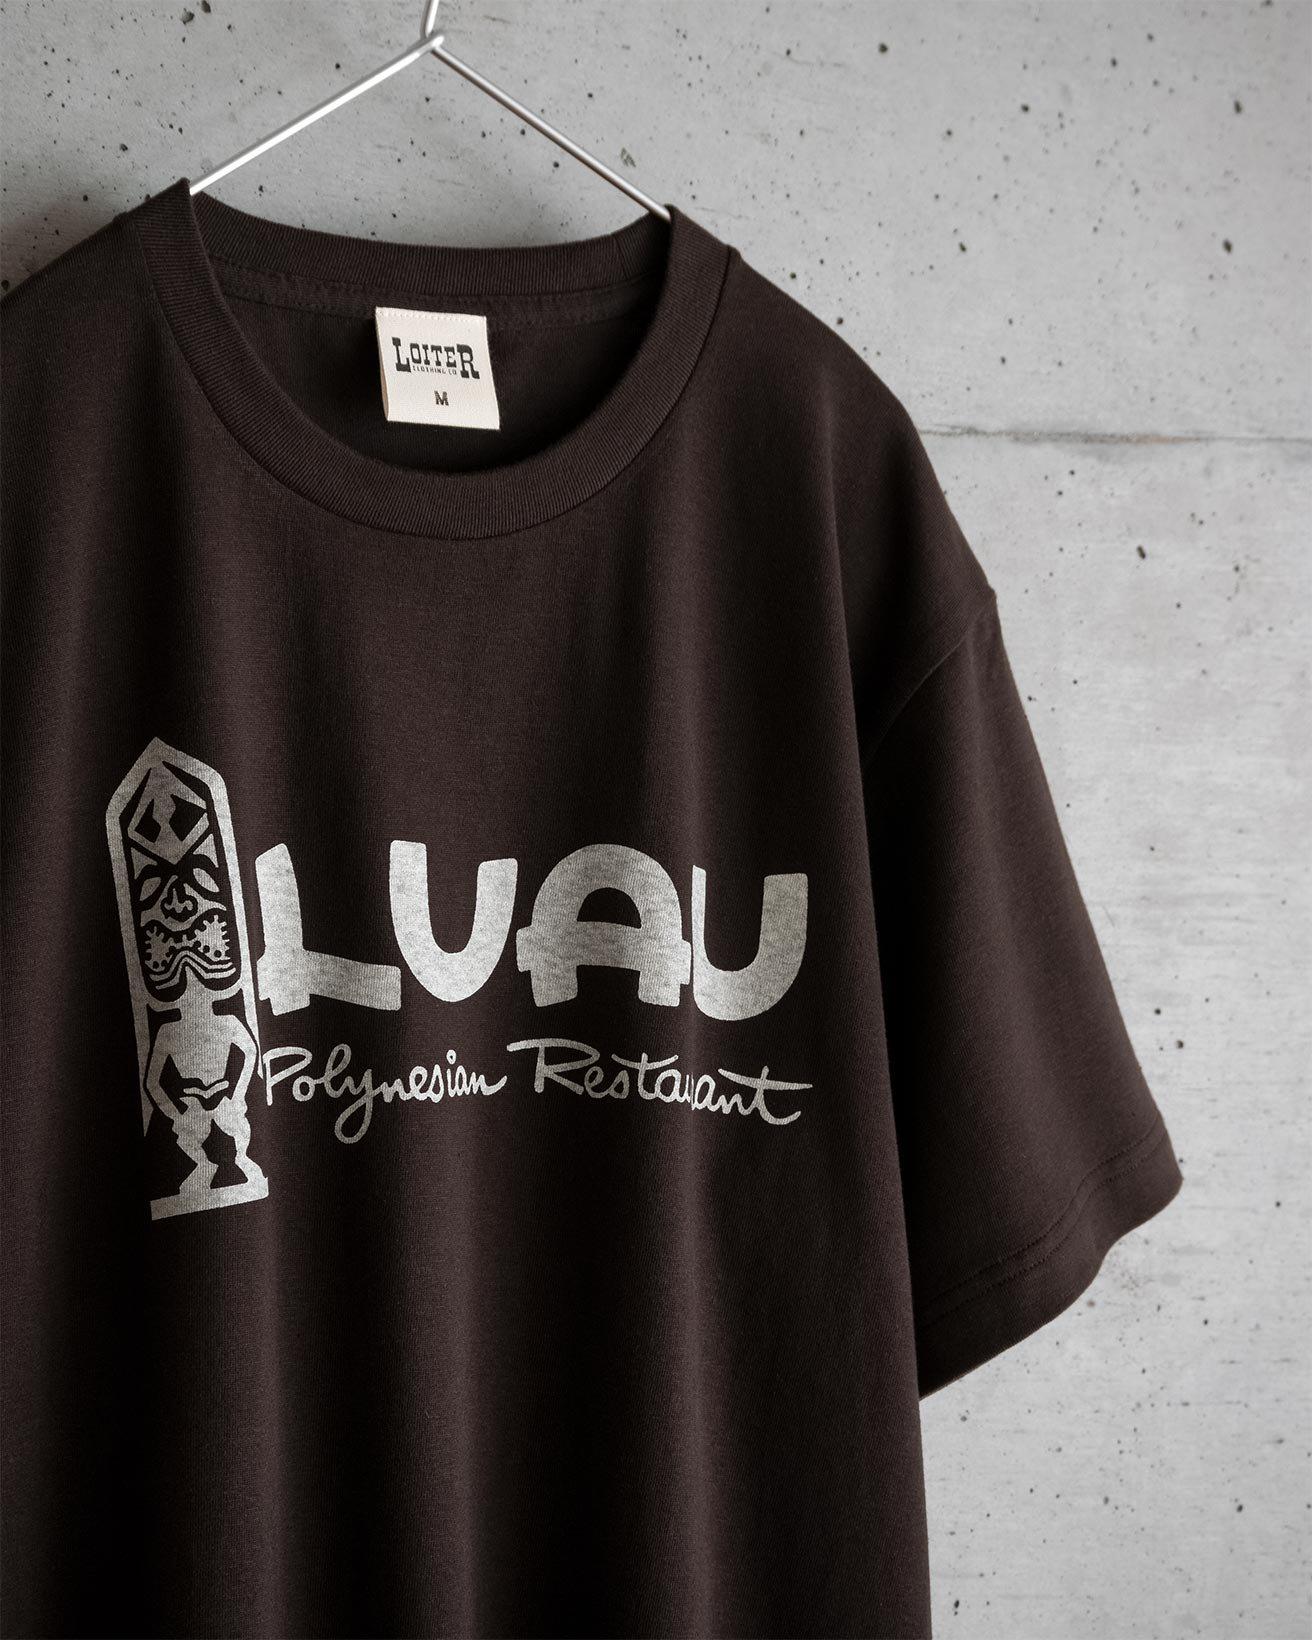 LUAU Tシャツ